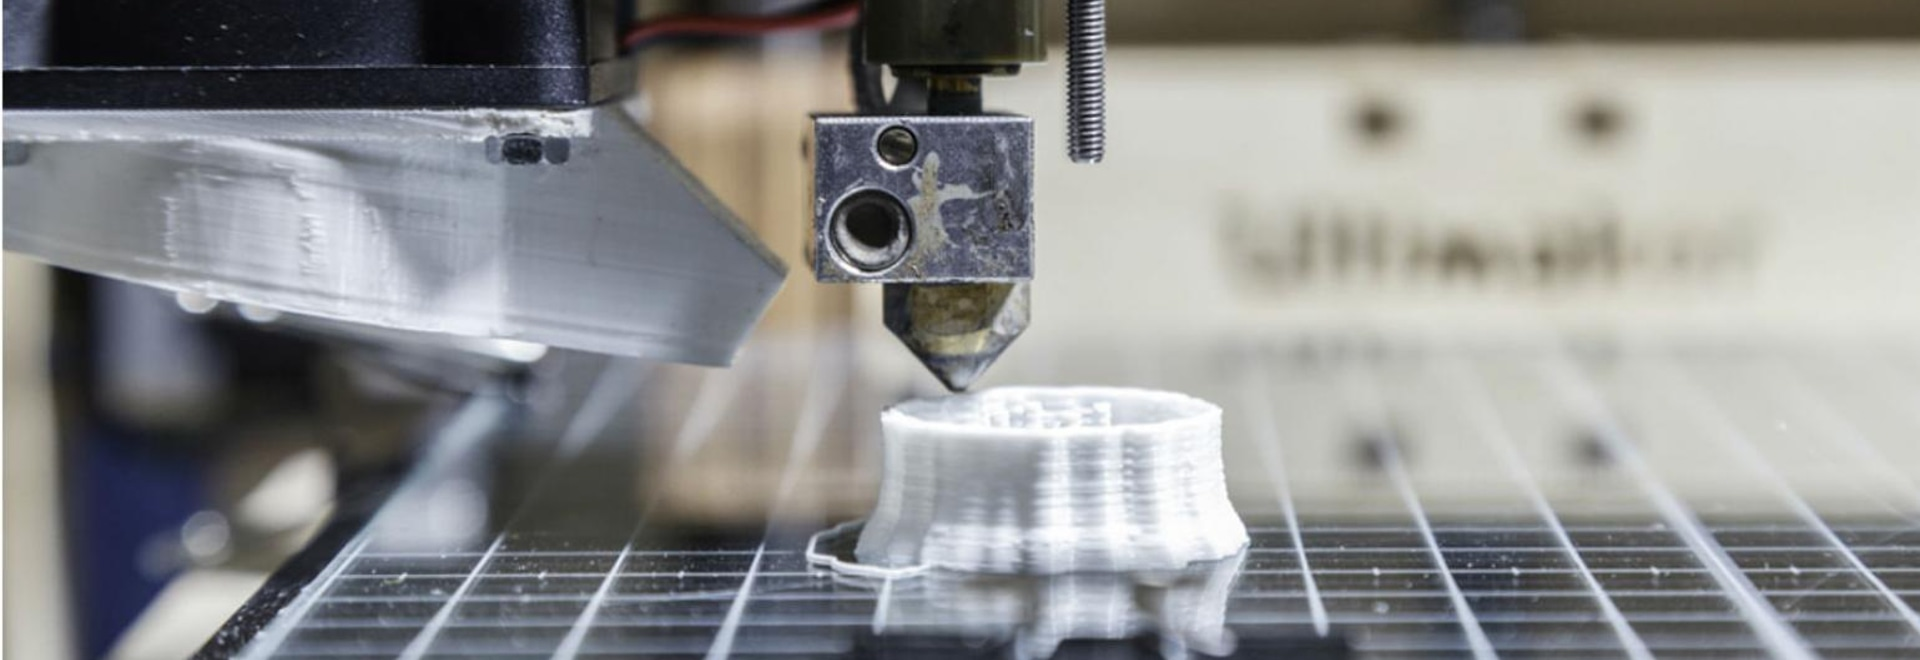 L'avenir de la fabrication avancée : Conception pour l'impression 3D et l'exécution des usines de Digital